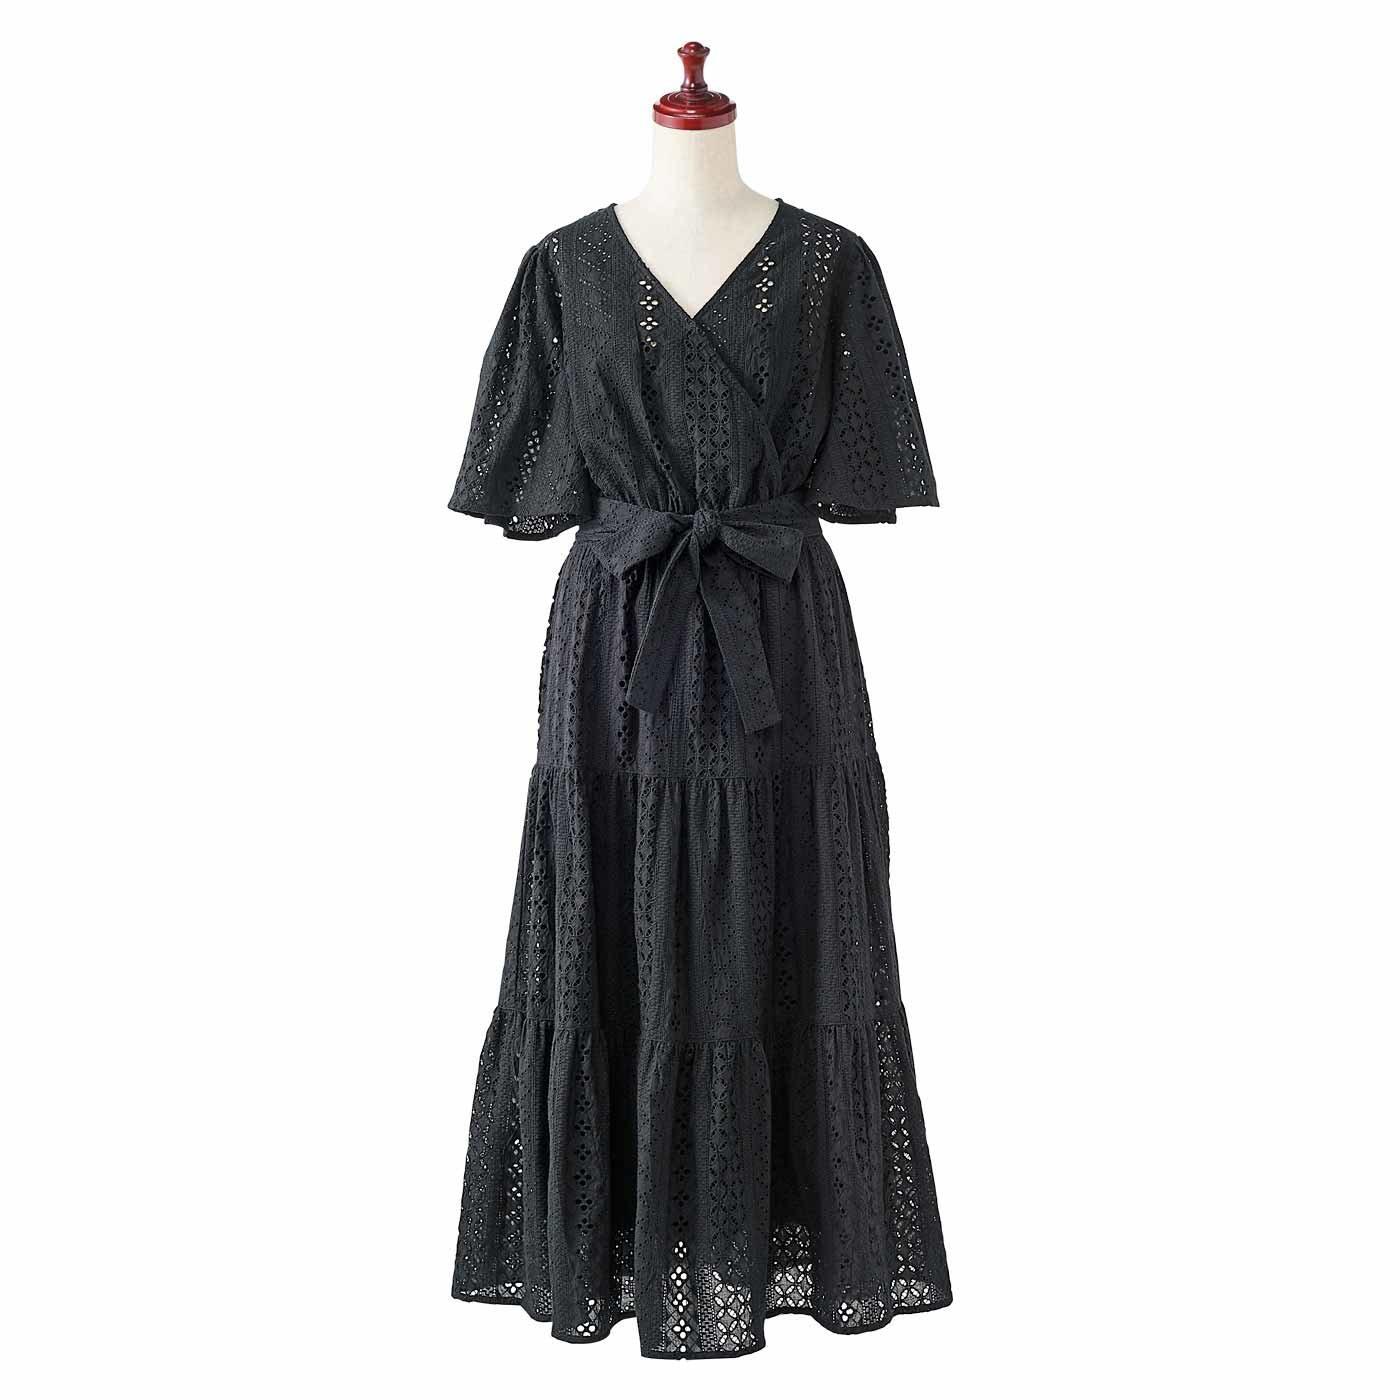 IEDIT[イディット] キャミドレス付き 総刺しゅうボーラーレースワンピース〈ブラック〉